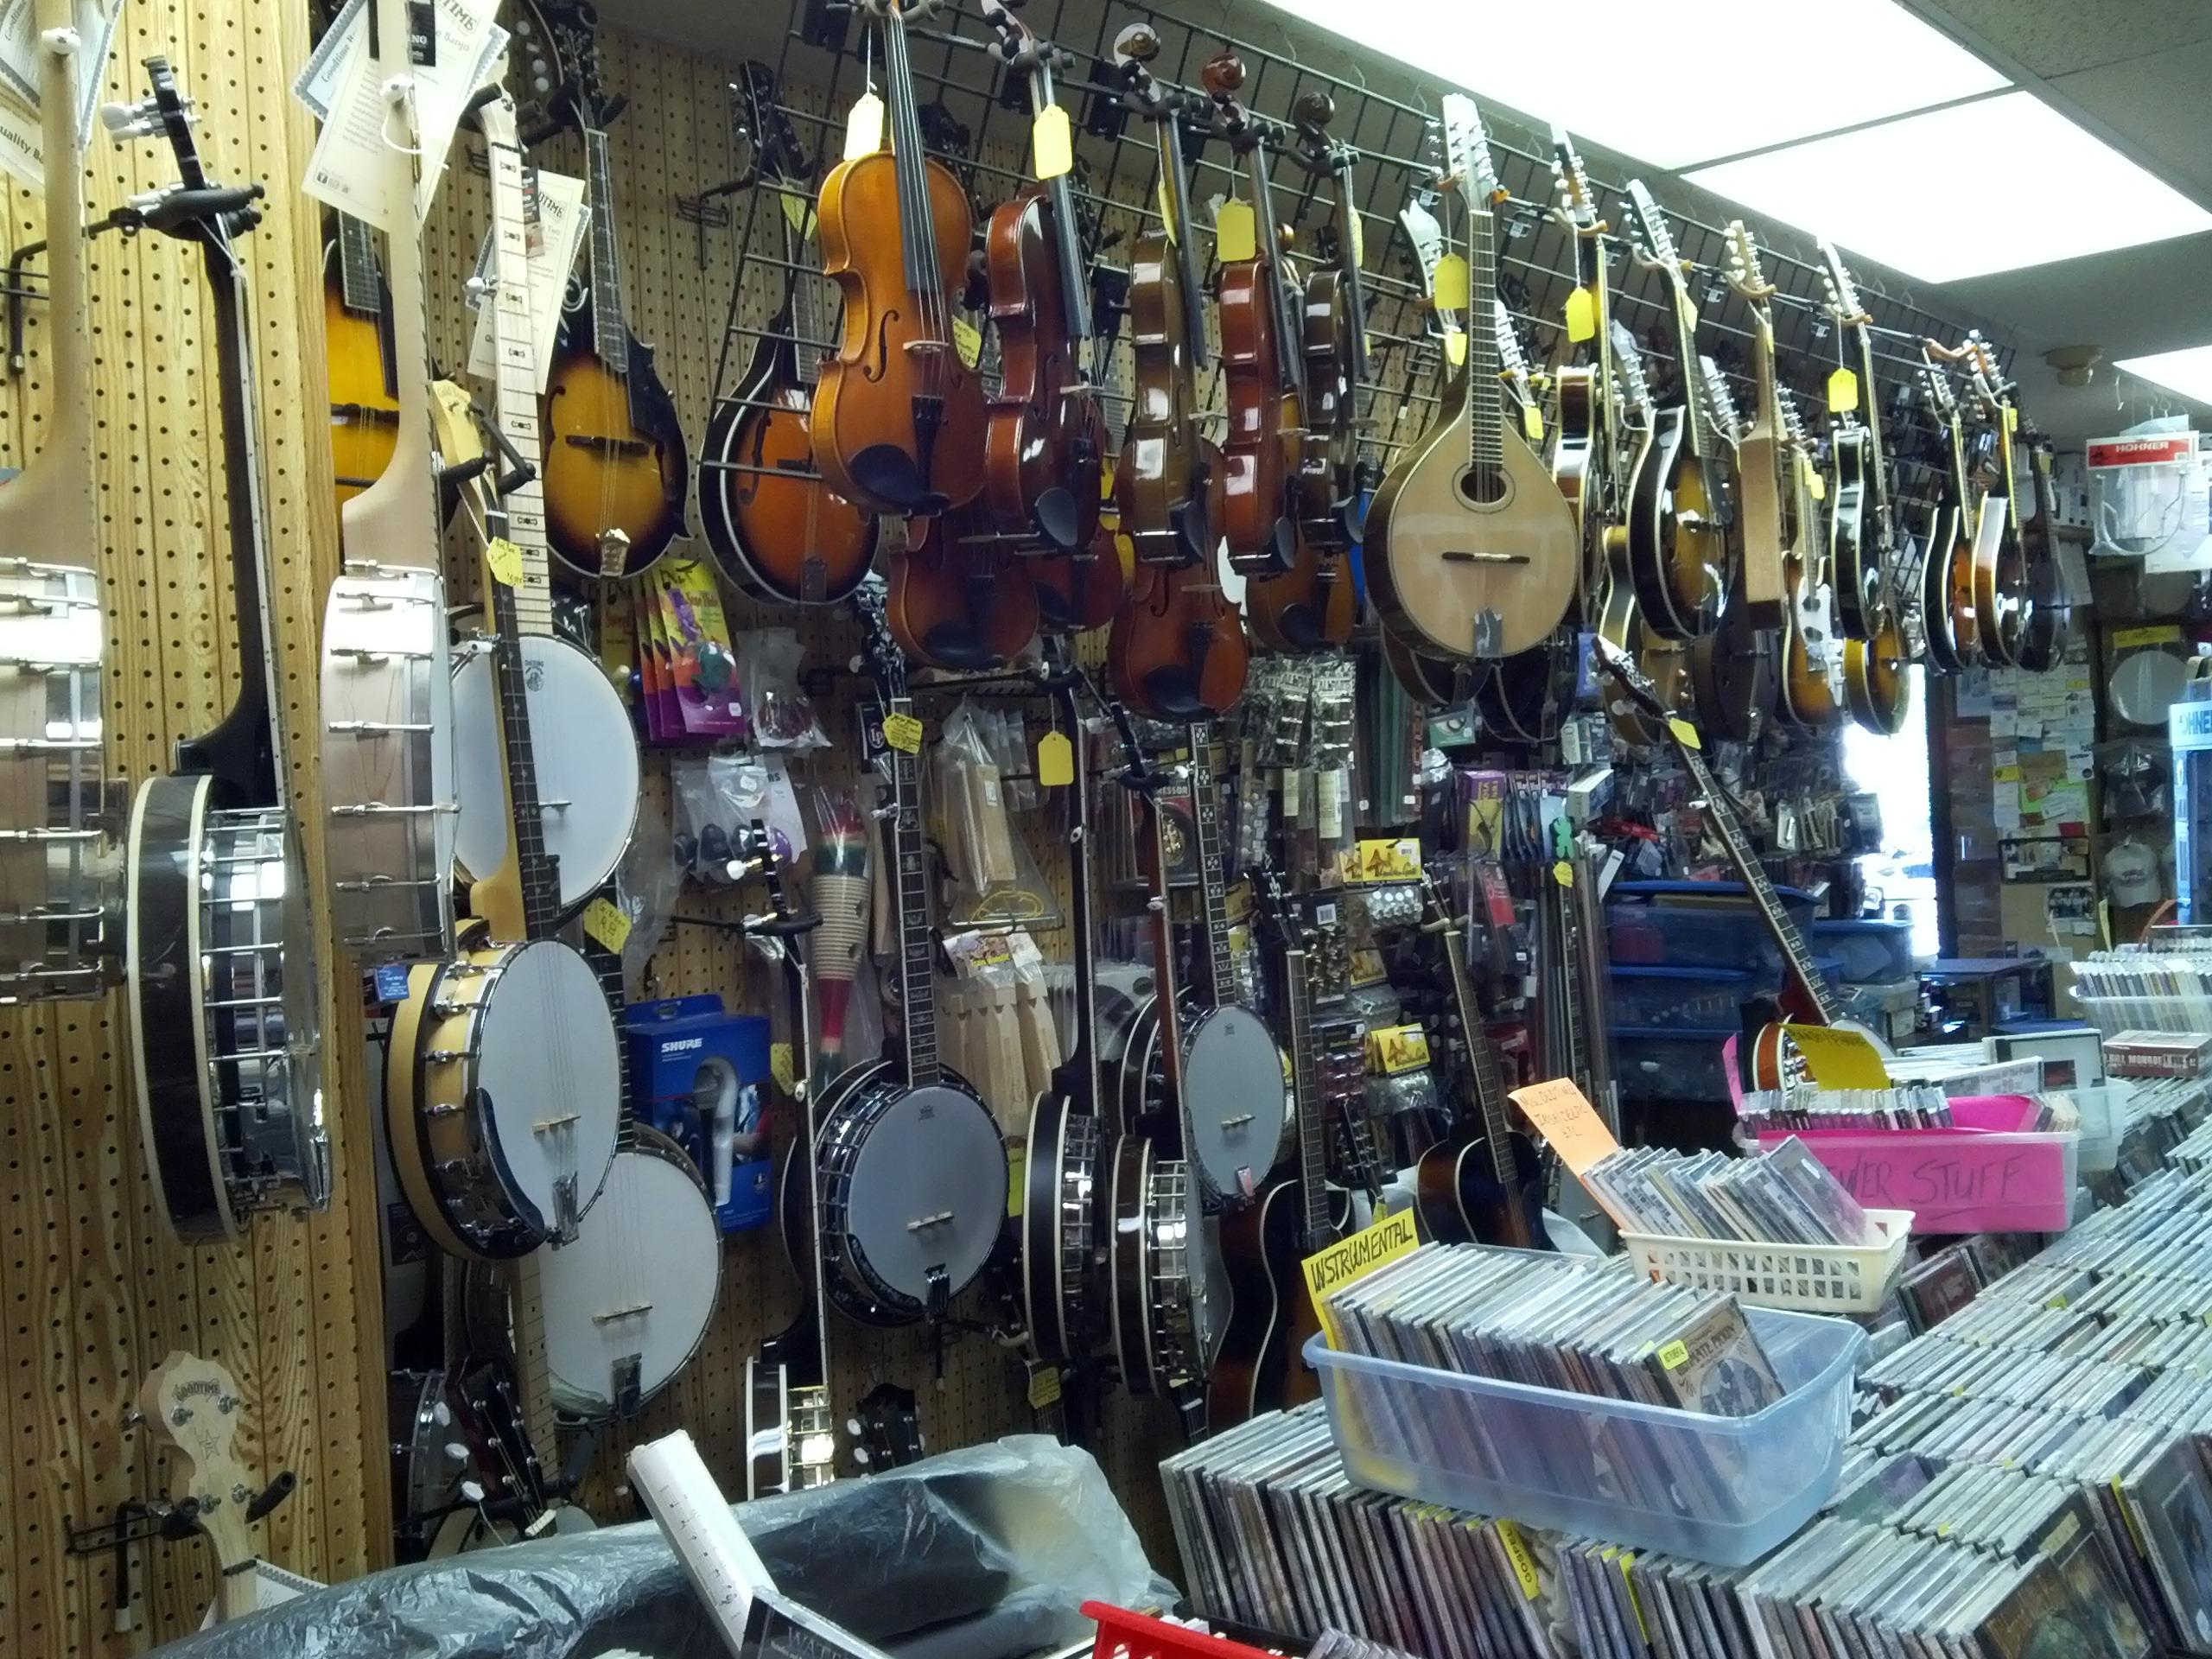 mandolin shop